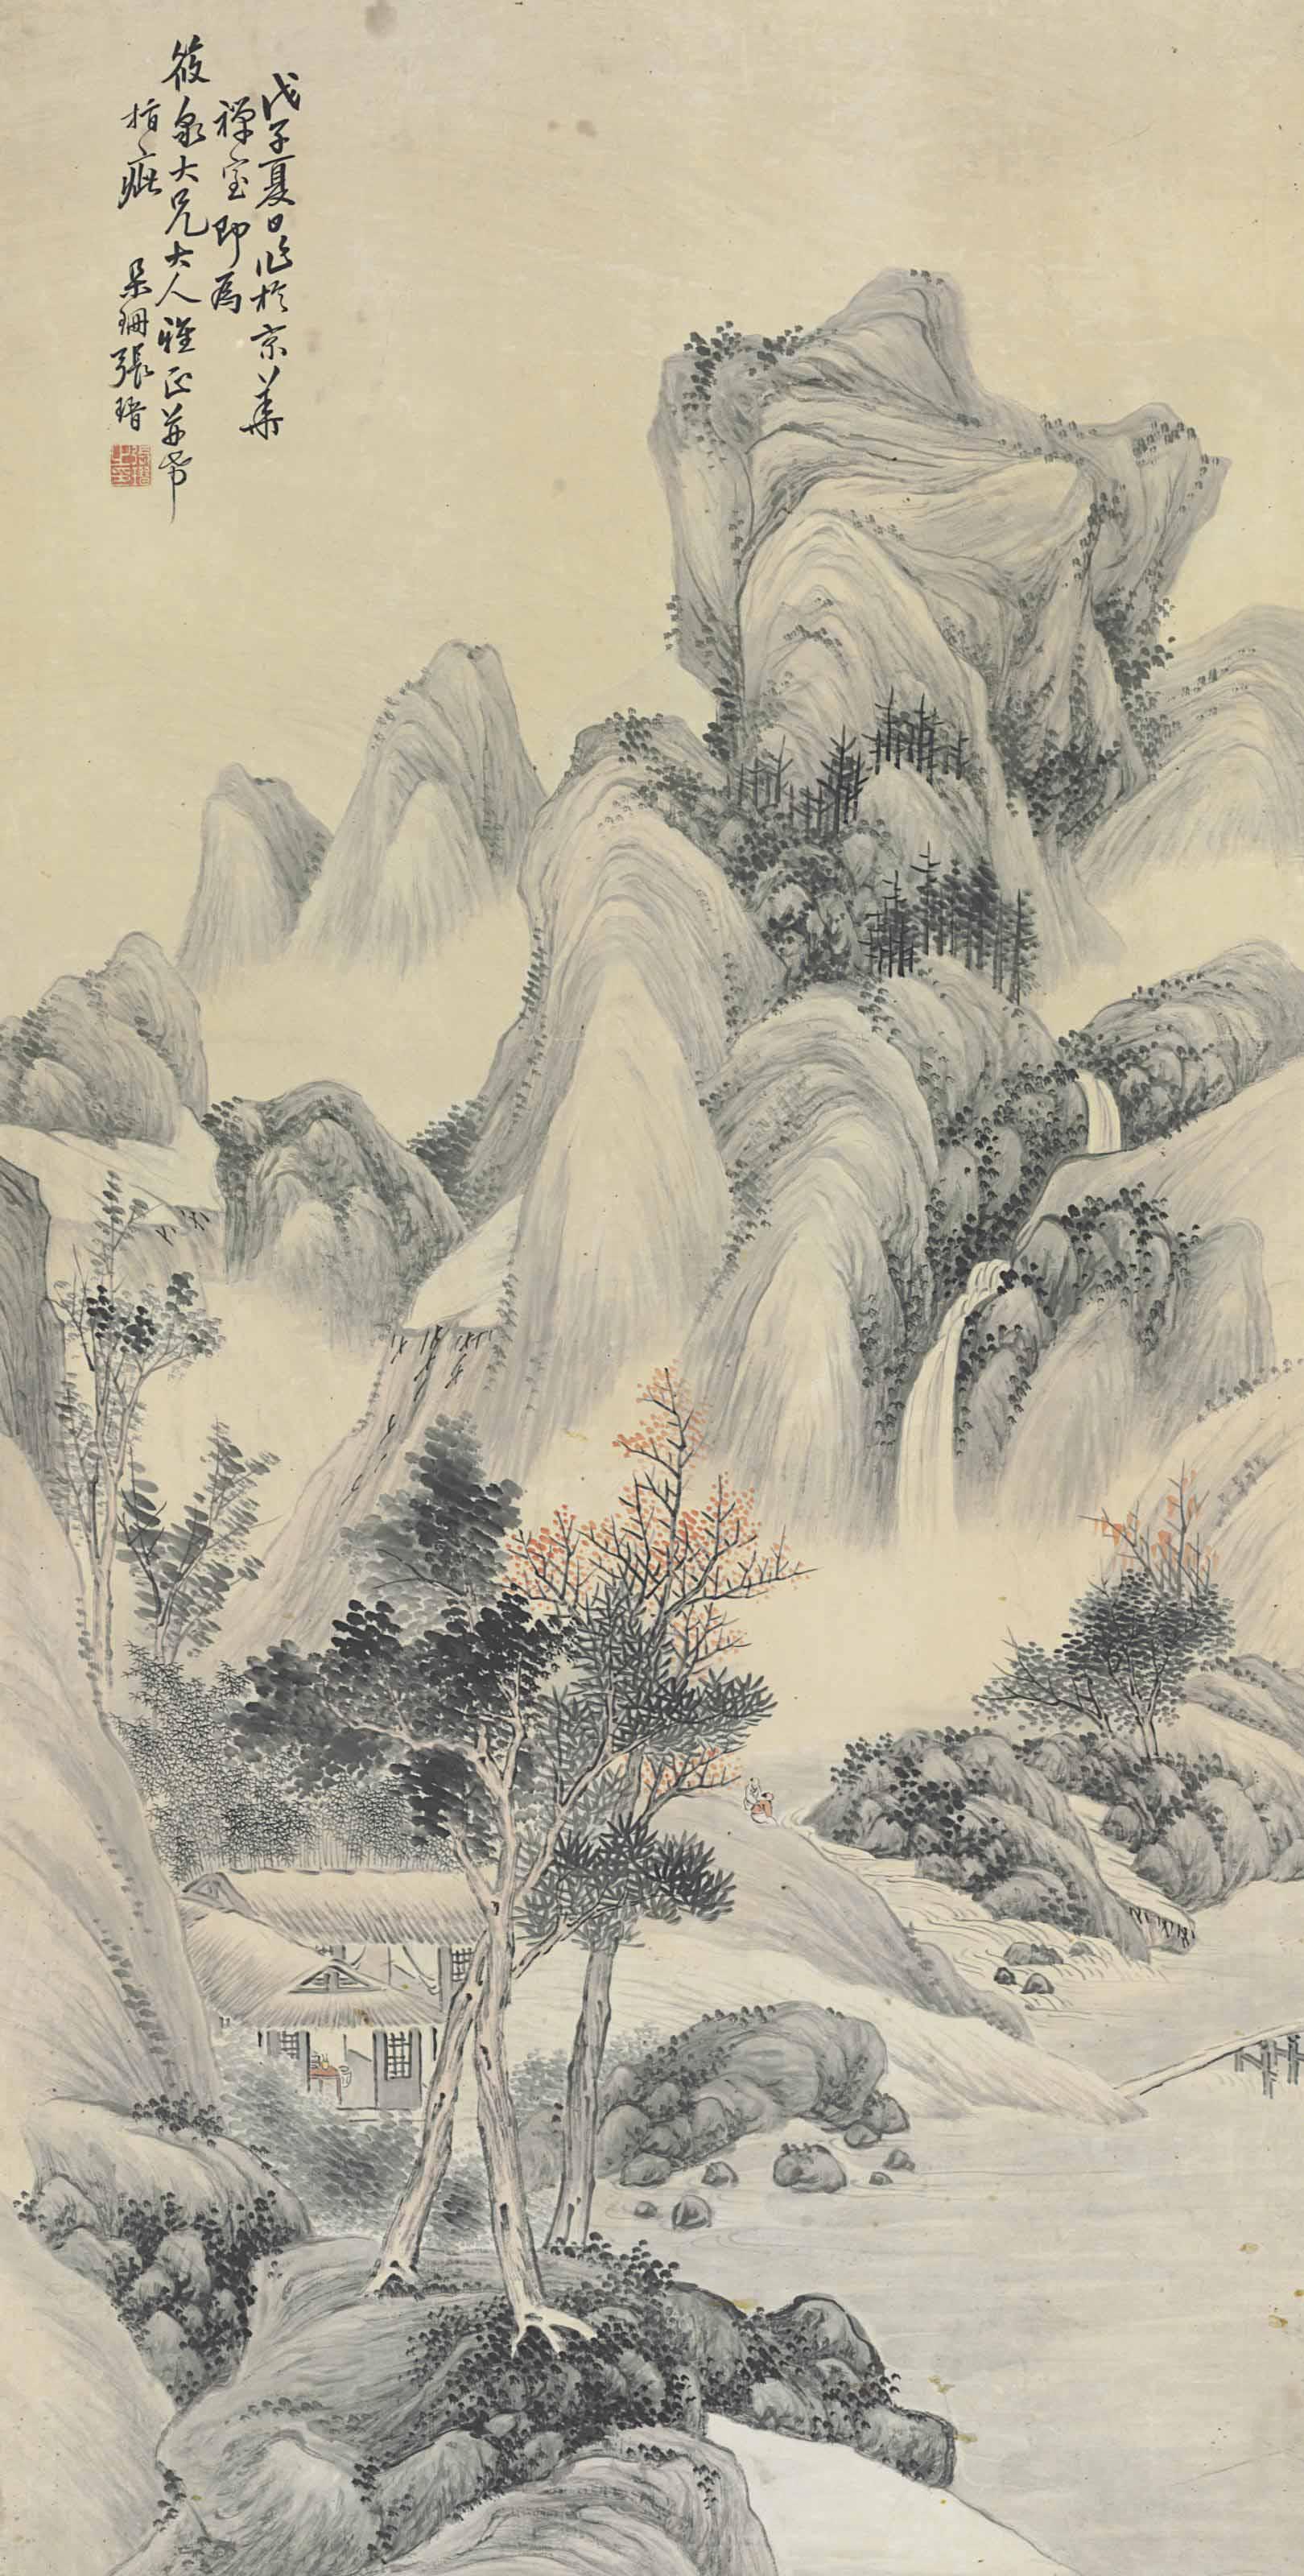 ZHANG JIN (1847-1936)